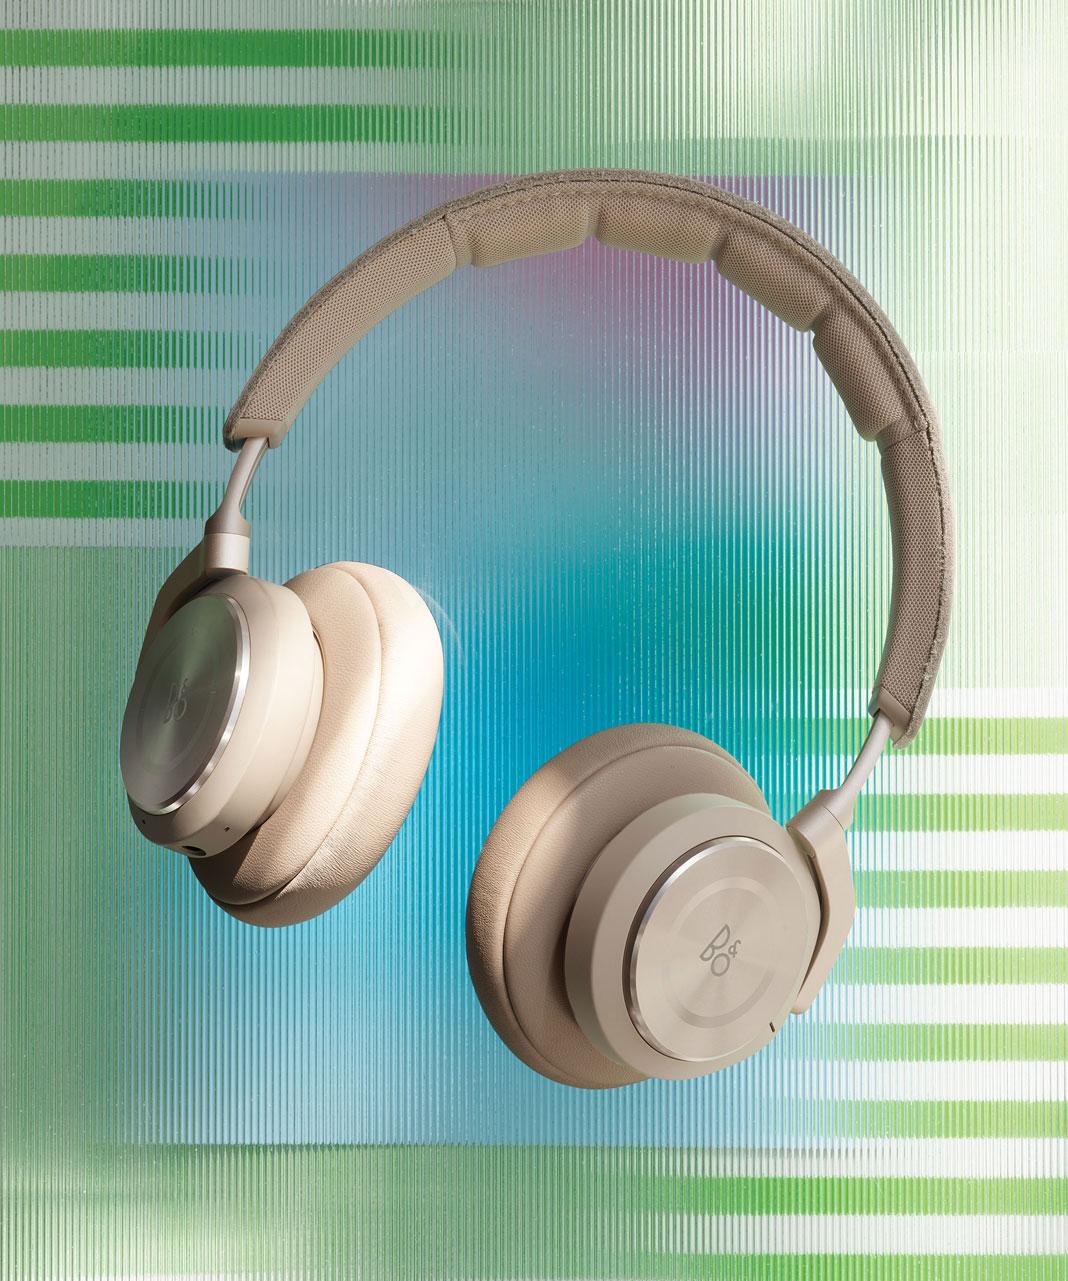 Headphones_Final